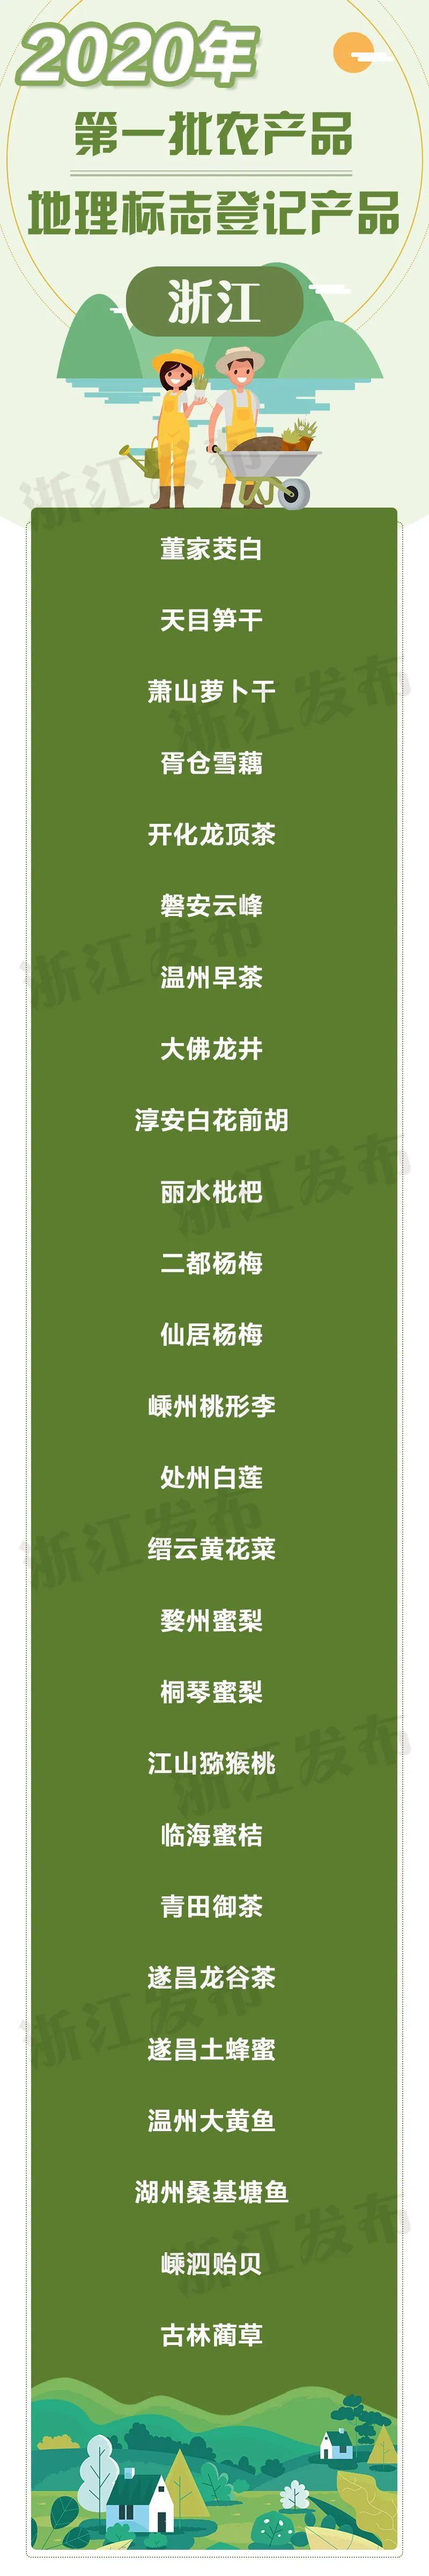 杭州这些产品获国家认证,走亲访友送礼就选它~图1